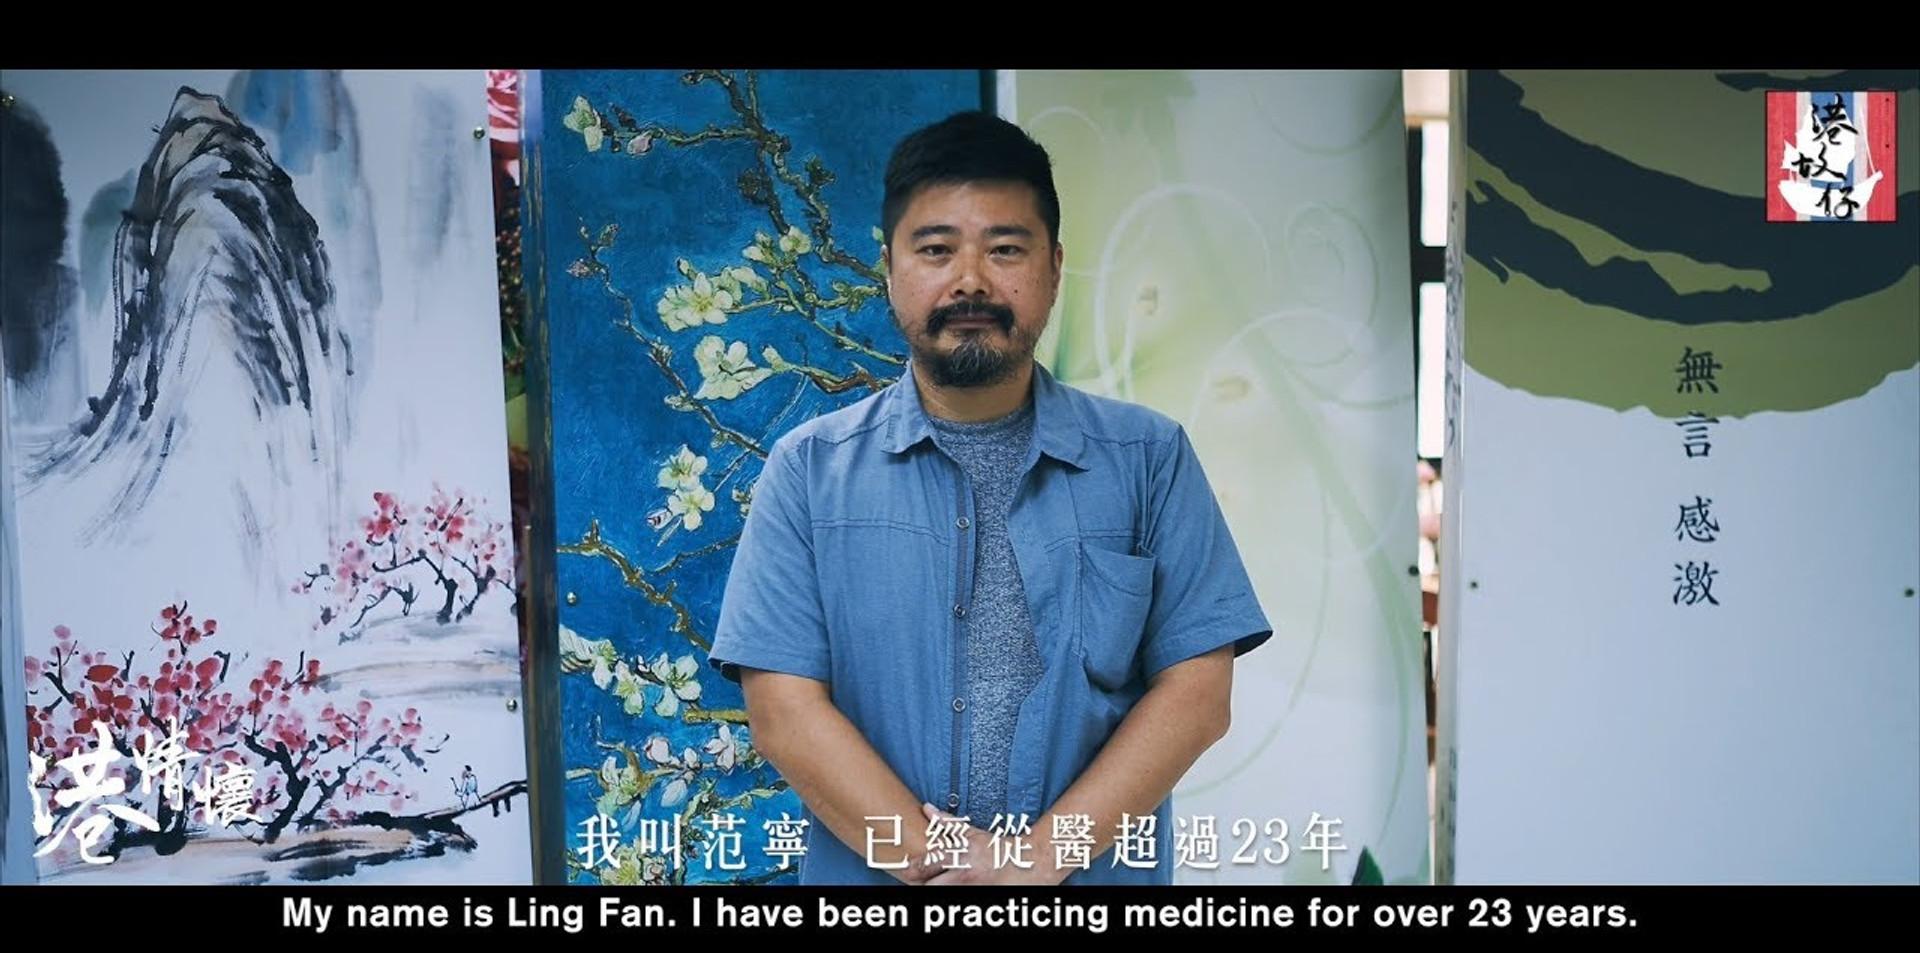 港情懷 #02 從醫超過23年:范寧